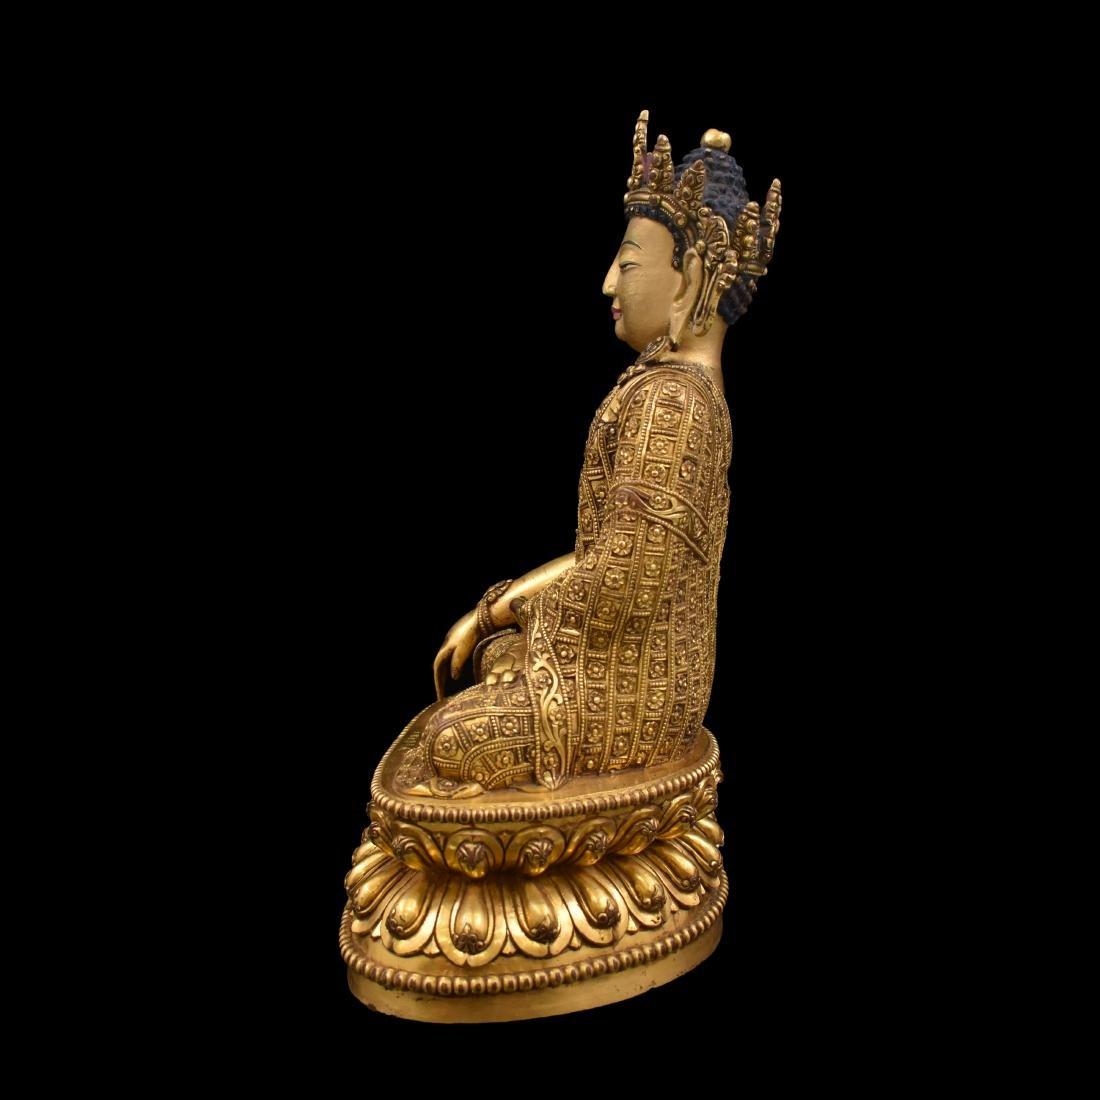 MING YONGLE GILT BRONZE CROWNED SHAKYAMUNI BUDDHA - 14